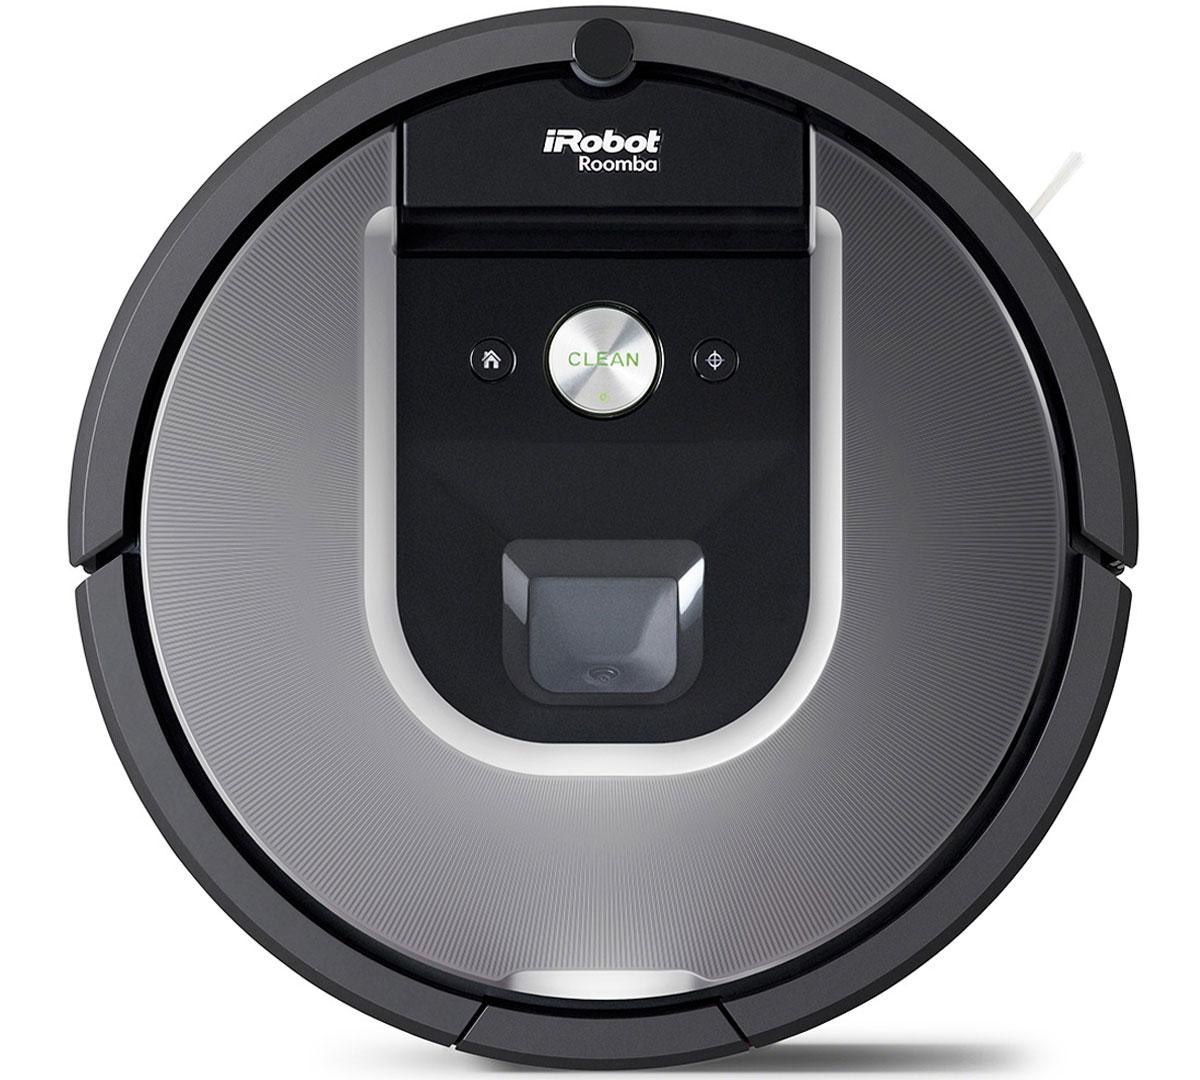 iRobot Roomba 960 робот-пылесос - Пылесосы